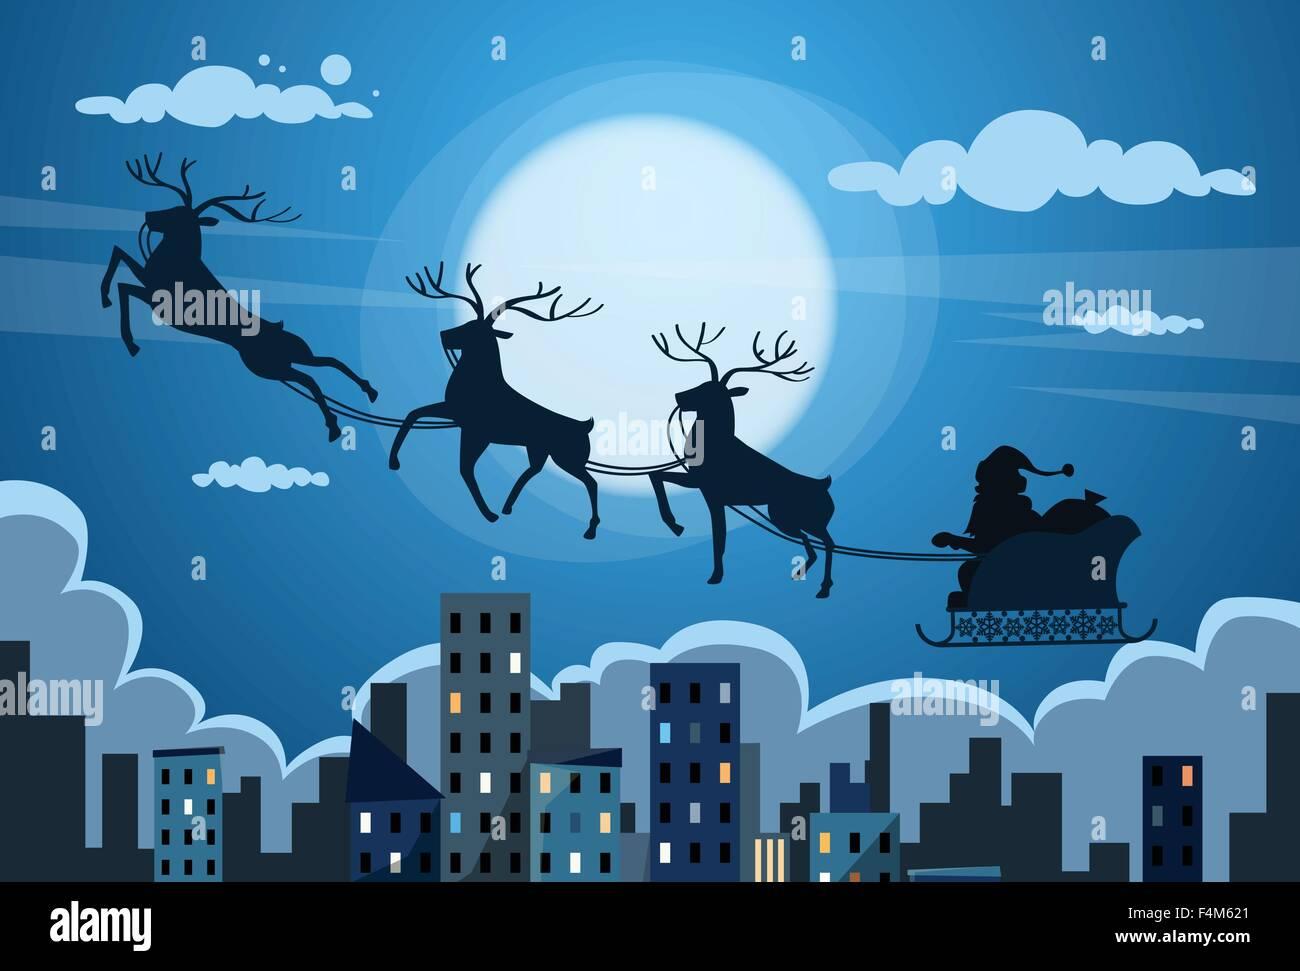 Weihnachtsmann Schlitten Rentier überfliegen Himmel Wolkenkratzer Nacht Ansicht Stadtbild Schnee Skyline Weihnachten Stockbild